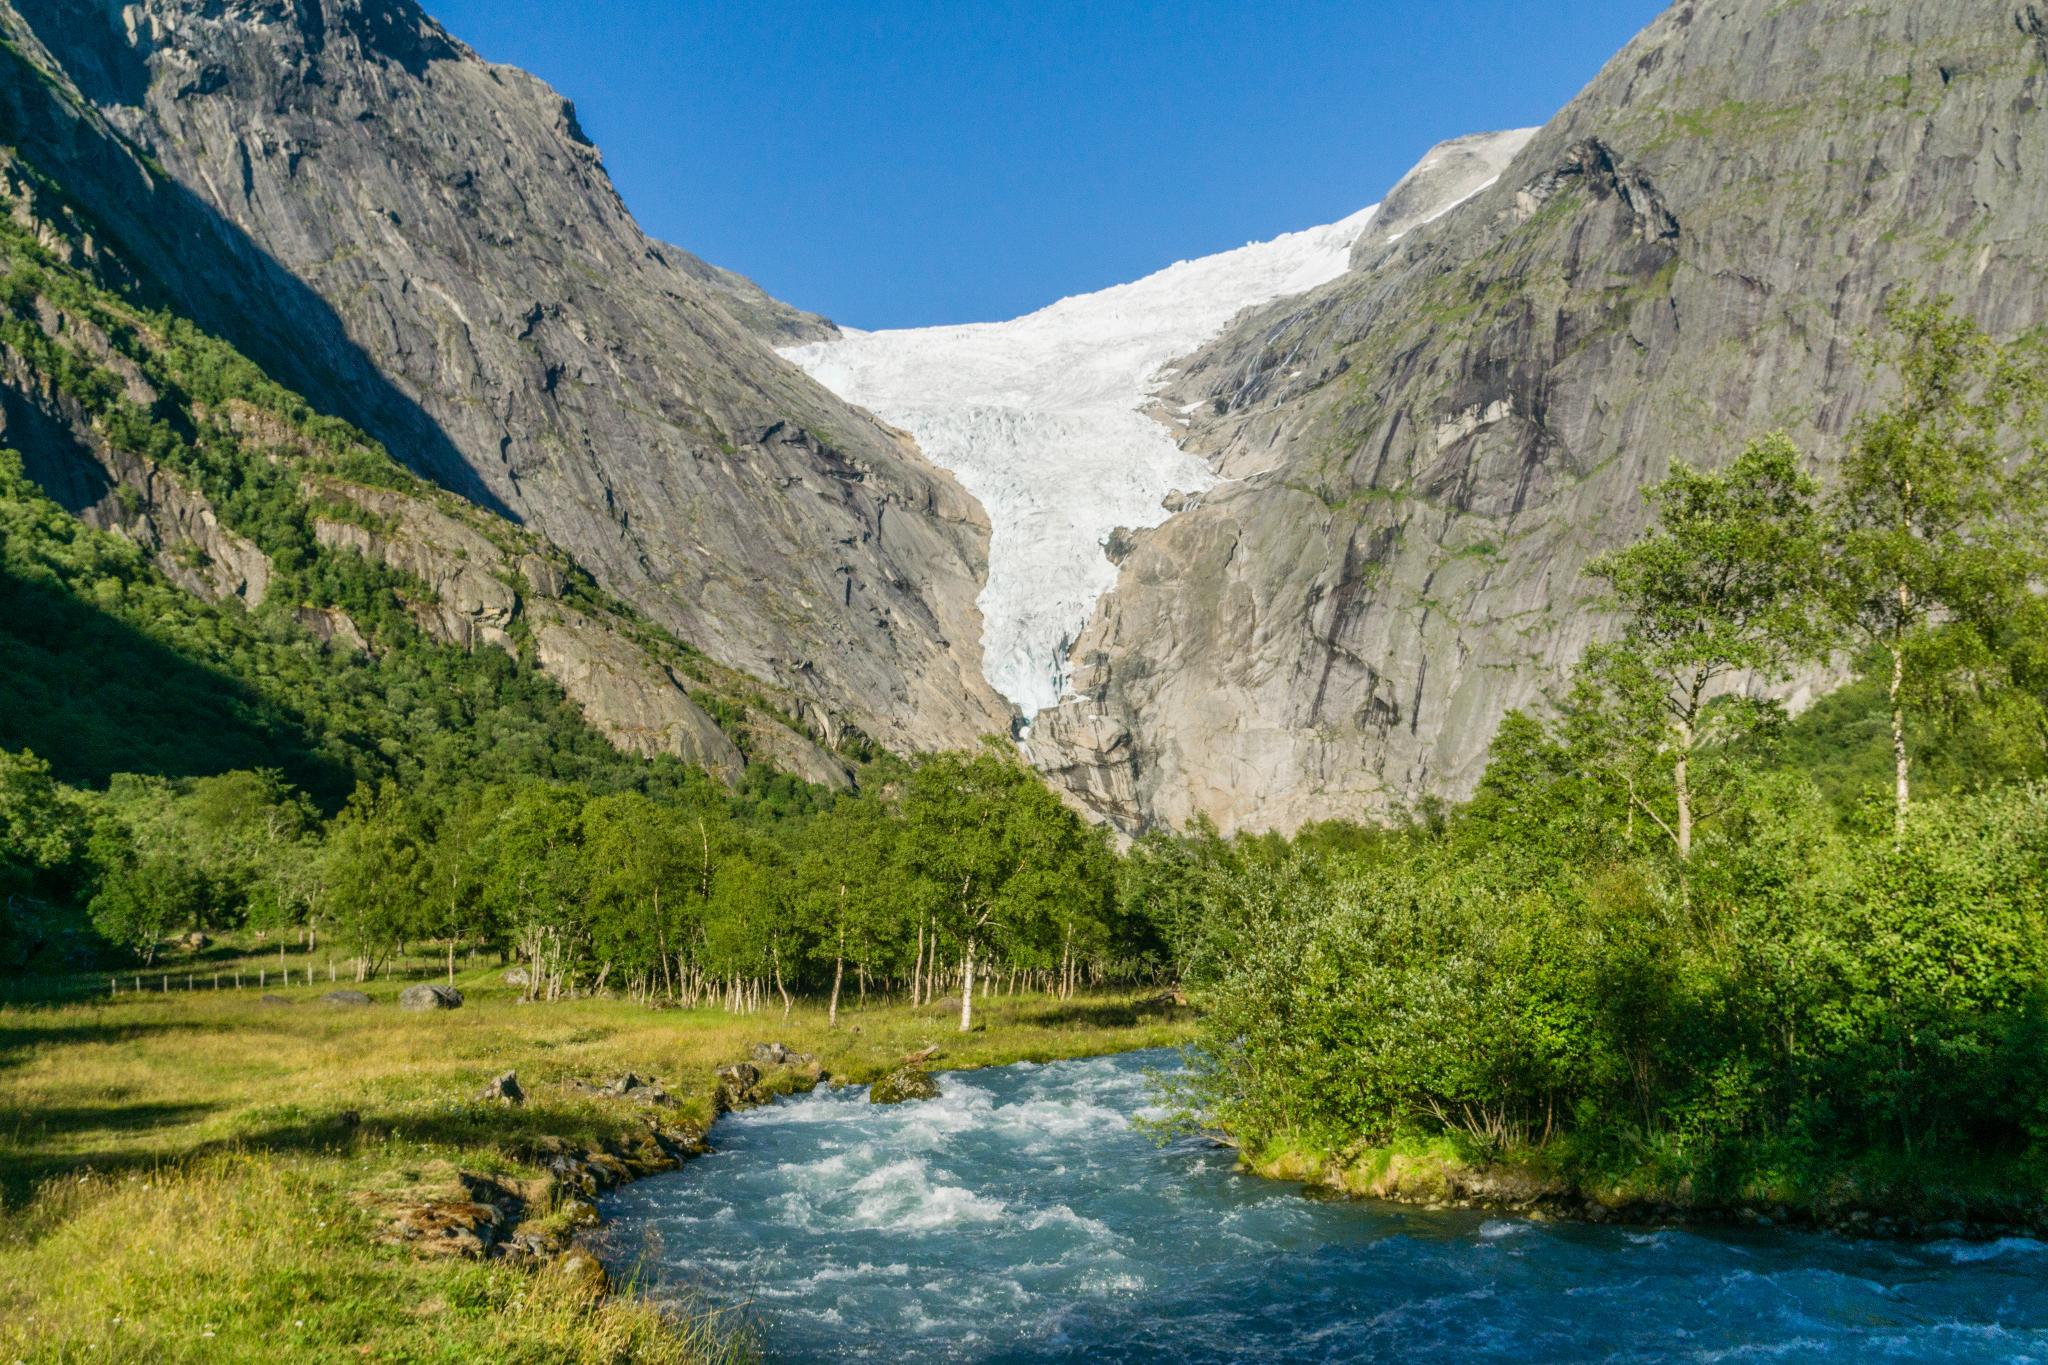 【北歐景點】挪威散步看冰川 - Briksdal Glacier 逐漸消融的冰河哀愁 5